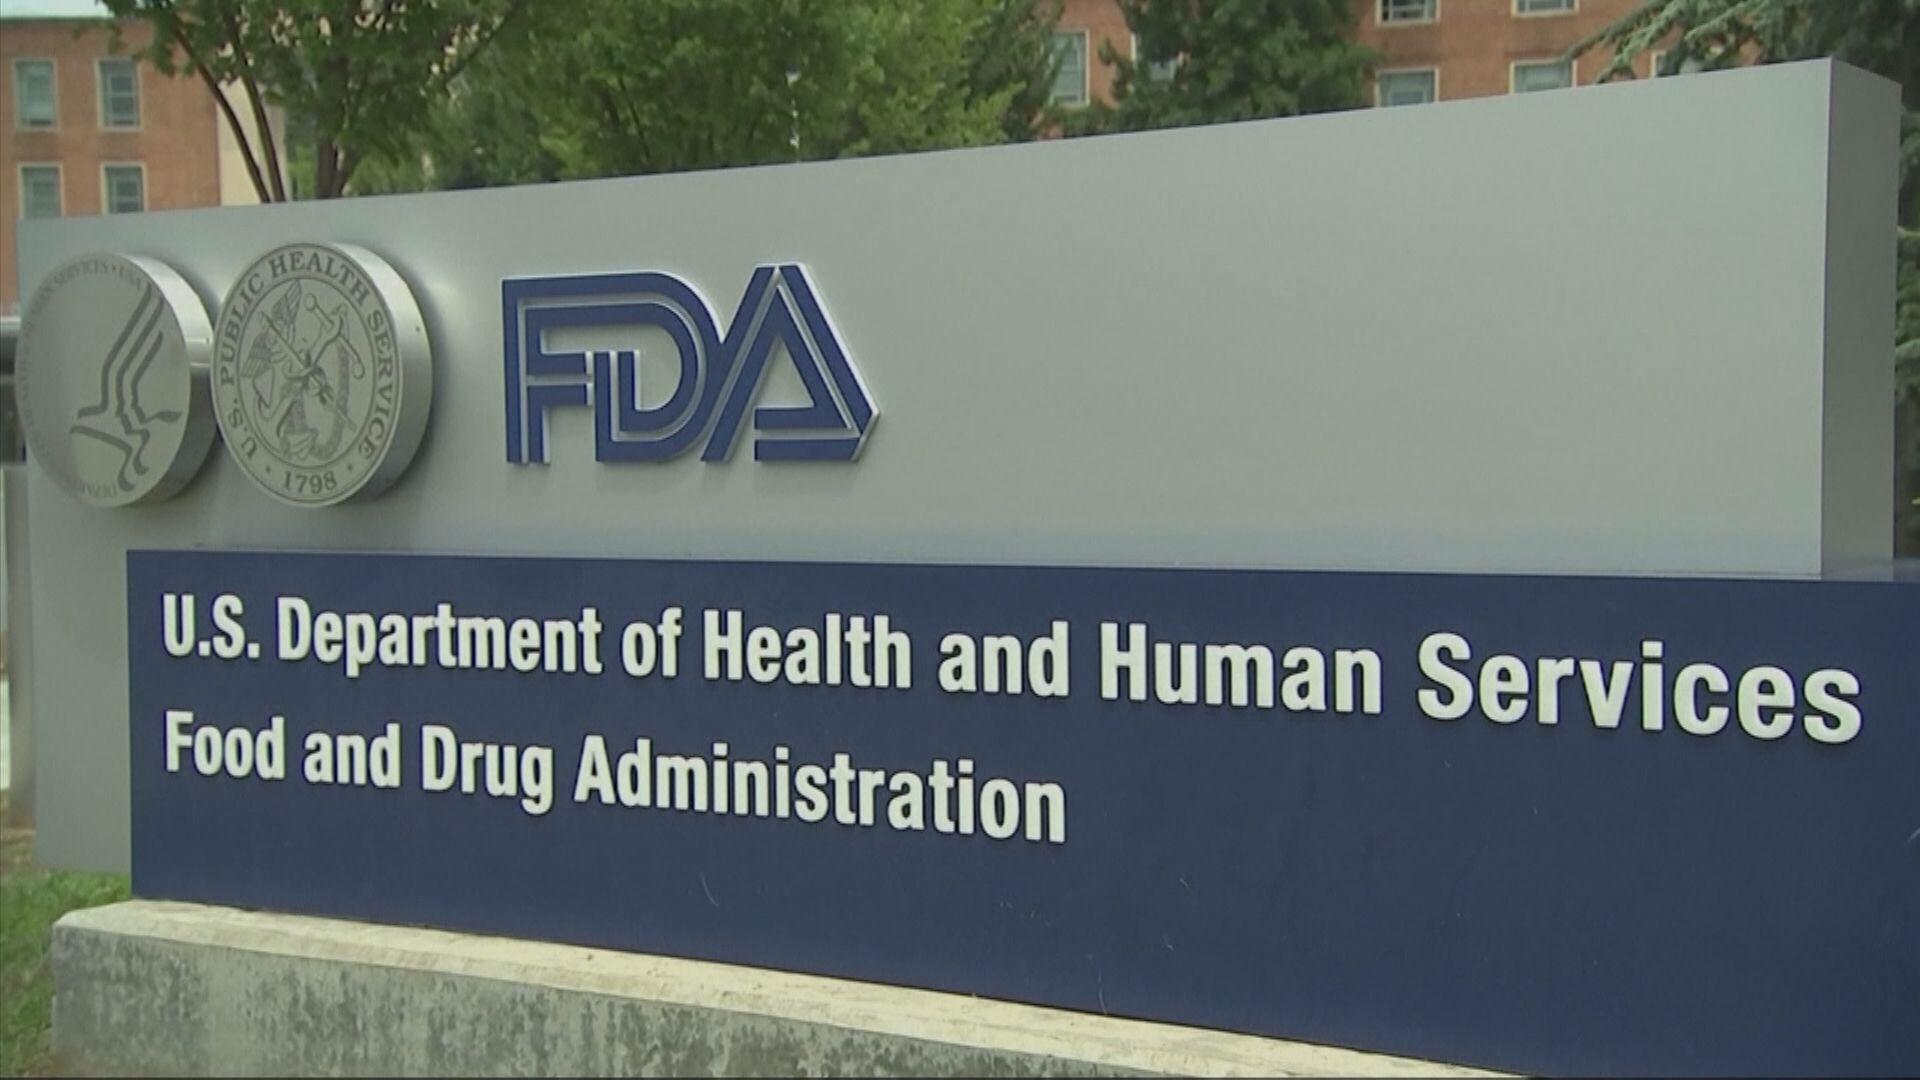 據報白宮施壓食藥局批出授權使用新冠疫苗